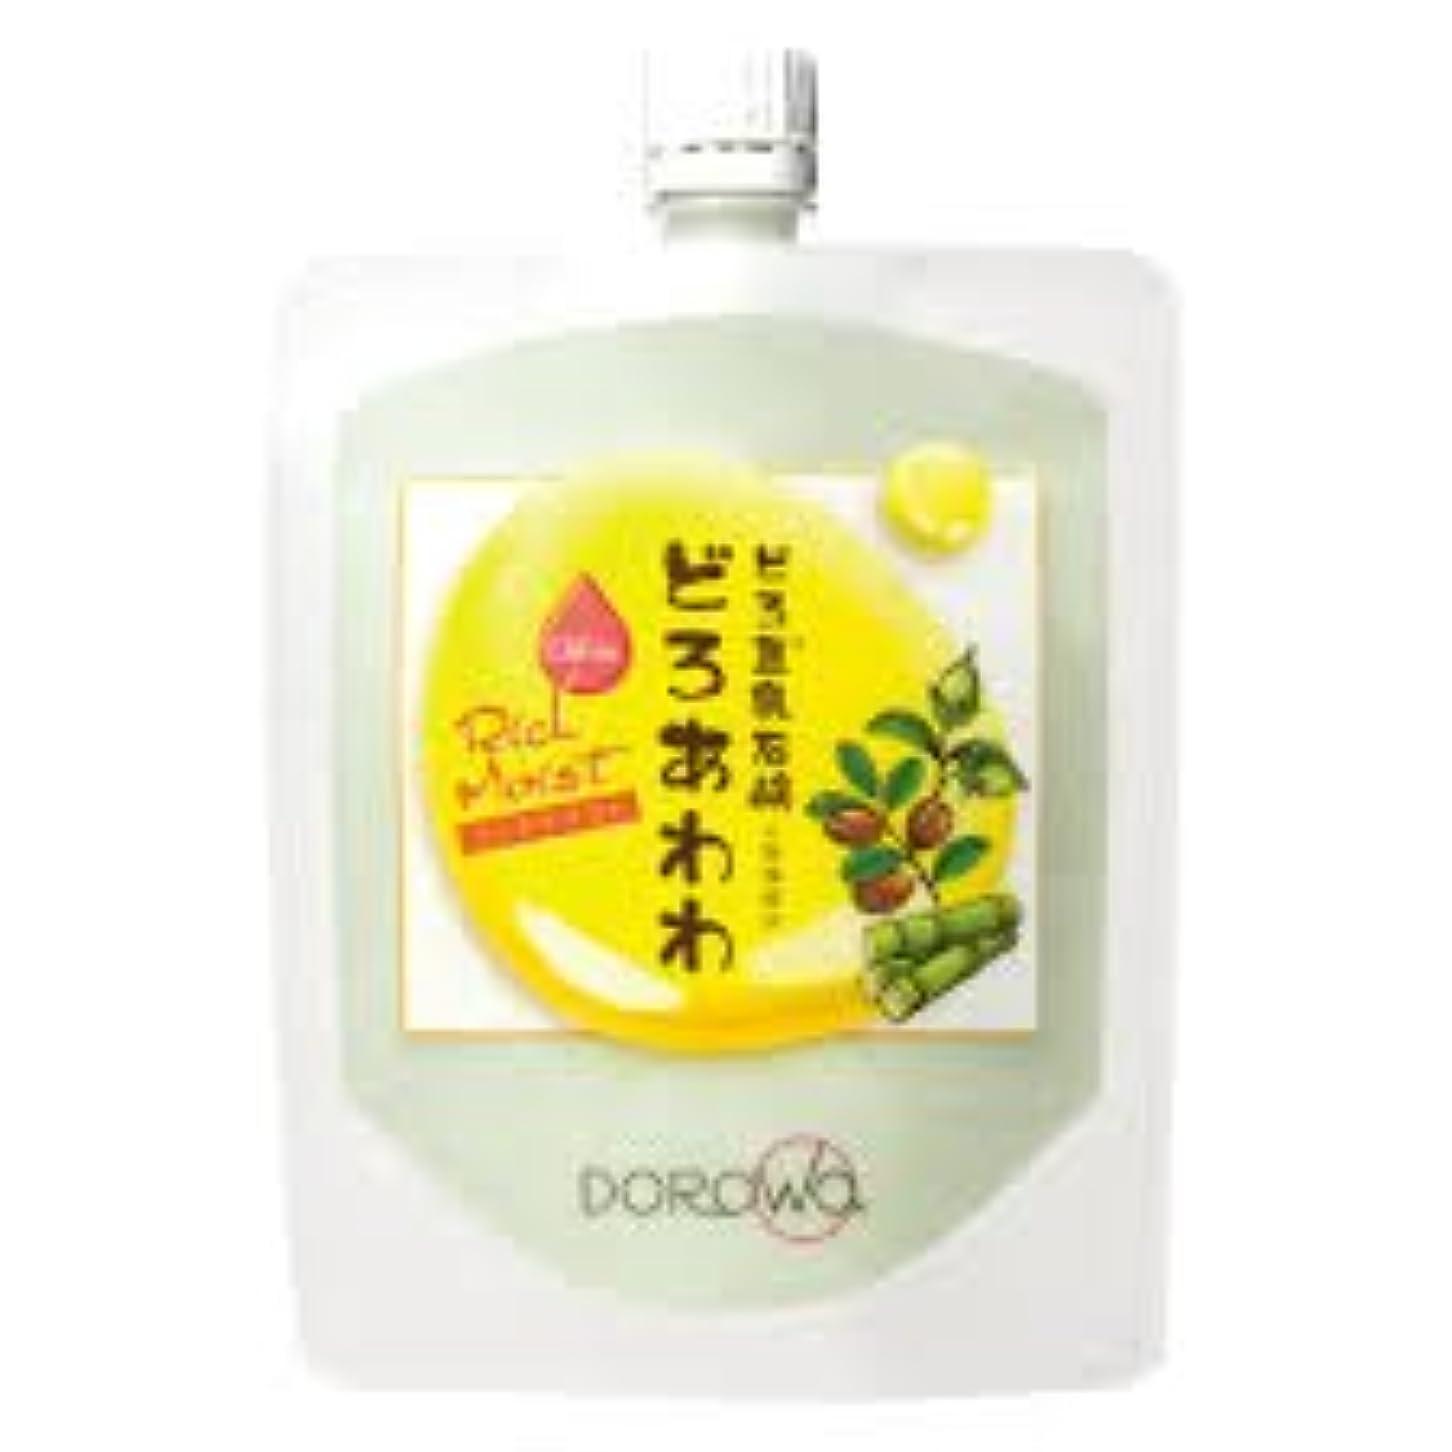 常に大騒ぎインテリア【DOROwa(ドロワ)】どろ豆乳石鹸 どろあわわ〈リッチモイスト〉